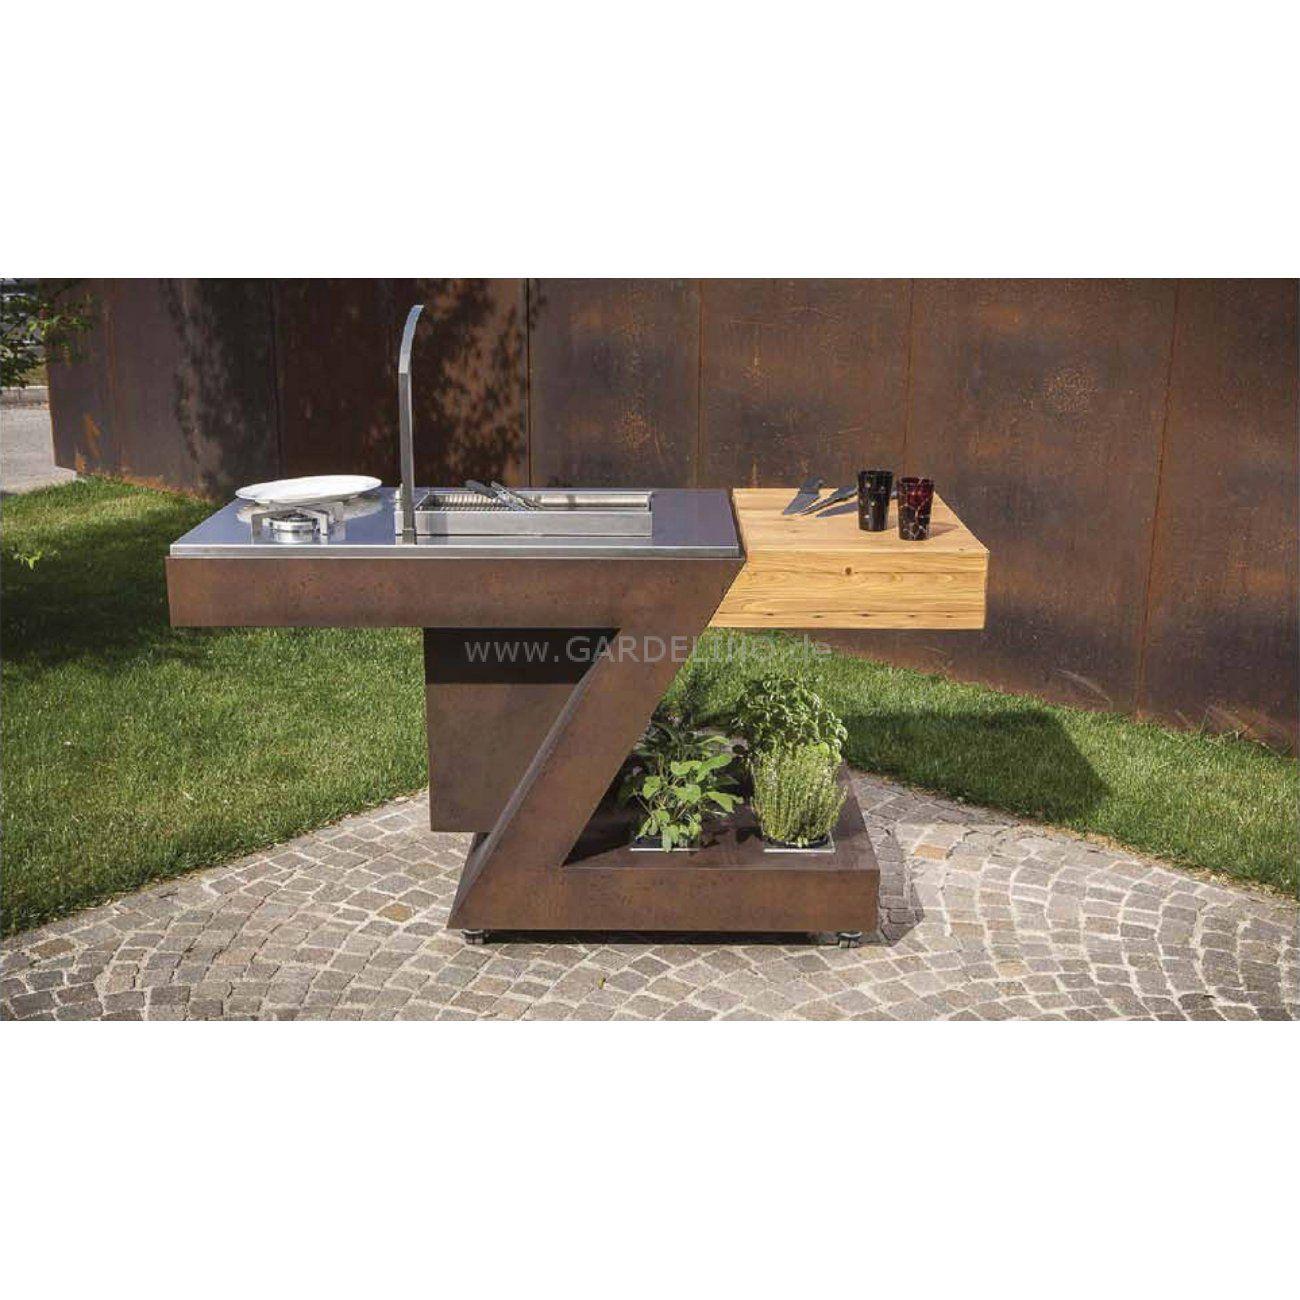 outdoor k che aus edelstahl bulthaup k che wei gebraucht brandenburger graue hochglanz. Black Bedroom Furniture Sets. Home Design Ideas